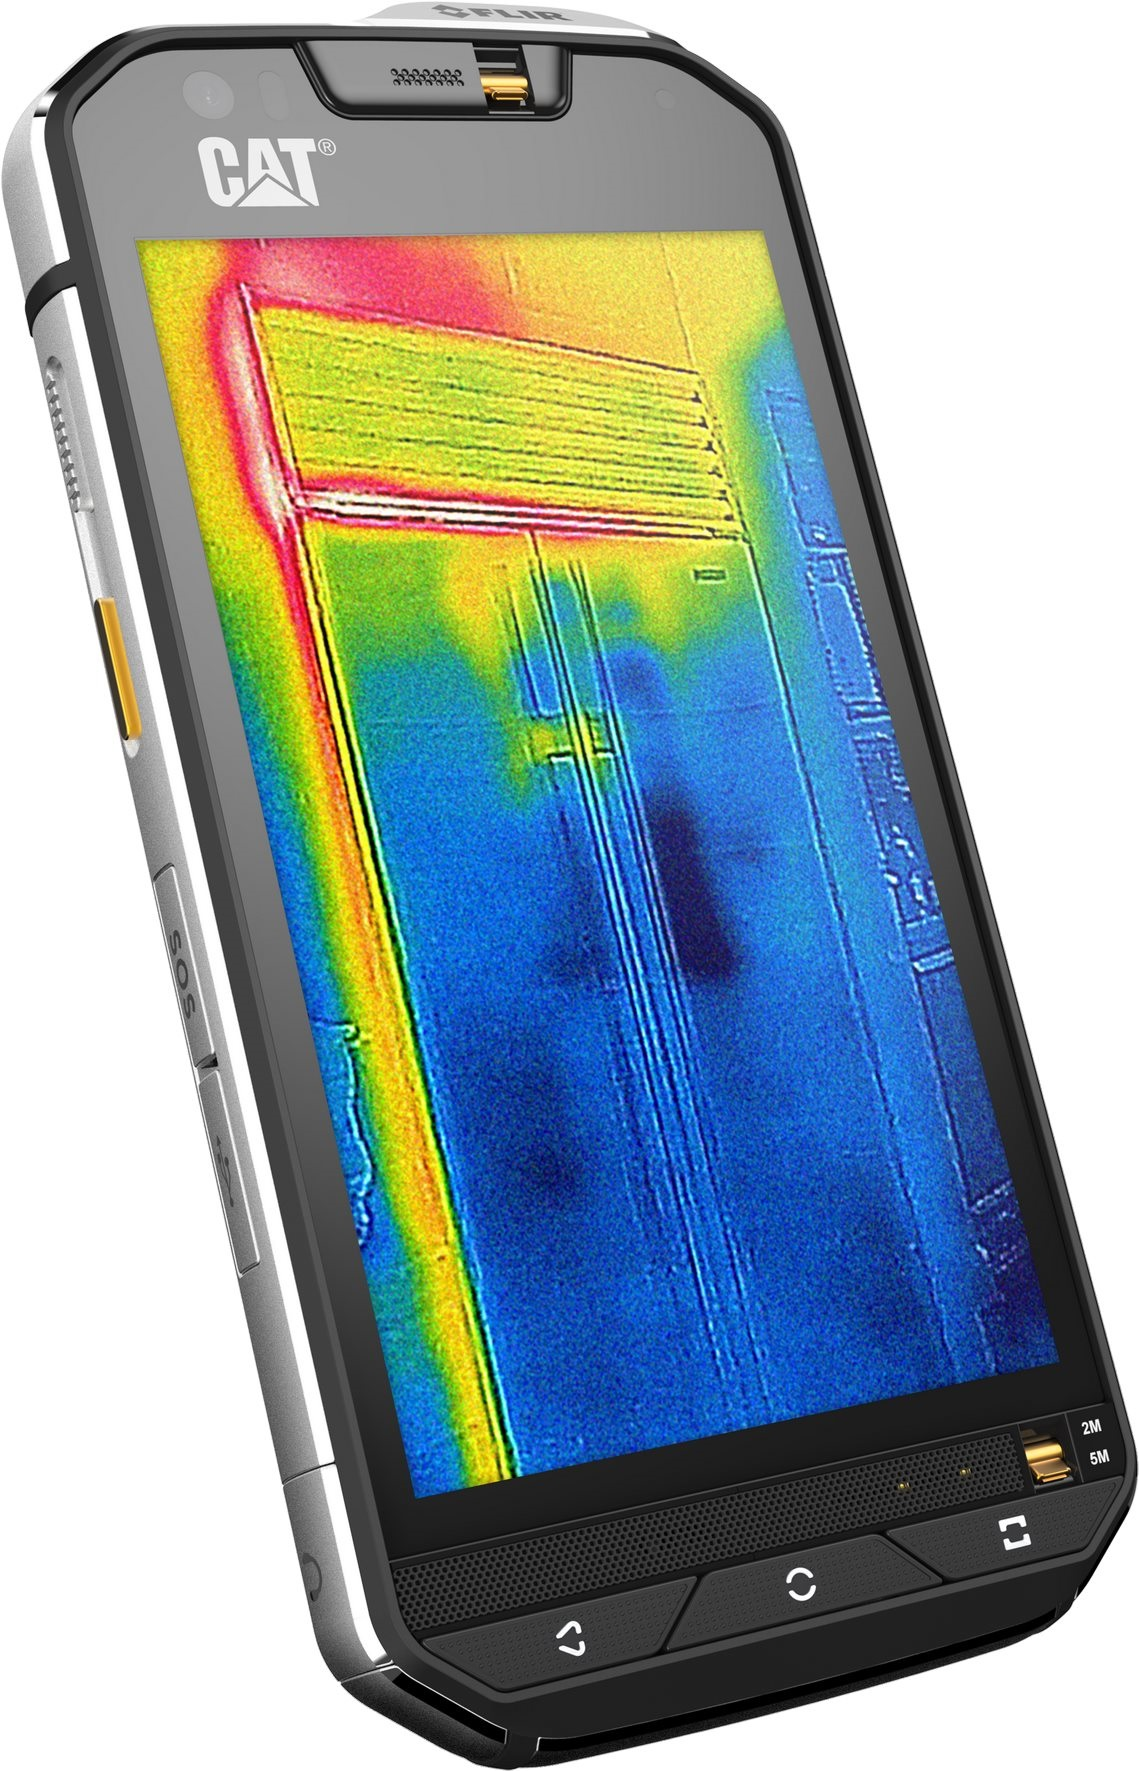 Cat S60 je revoluční telefon s termovizní kamerou  f5afa9fa29